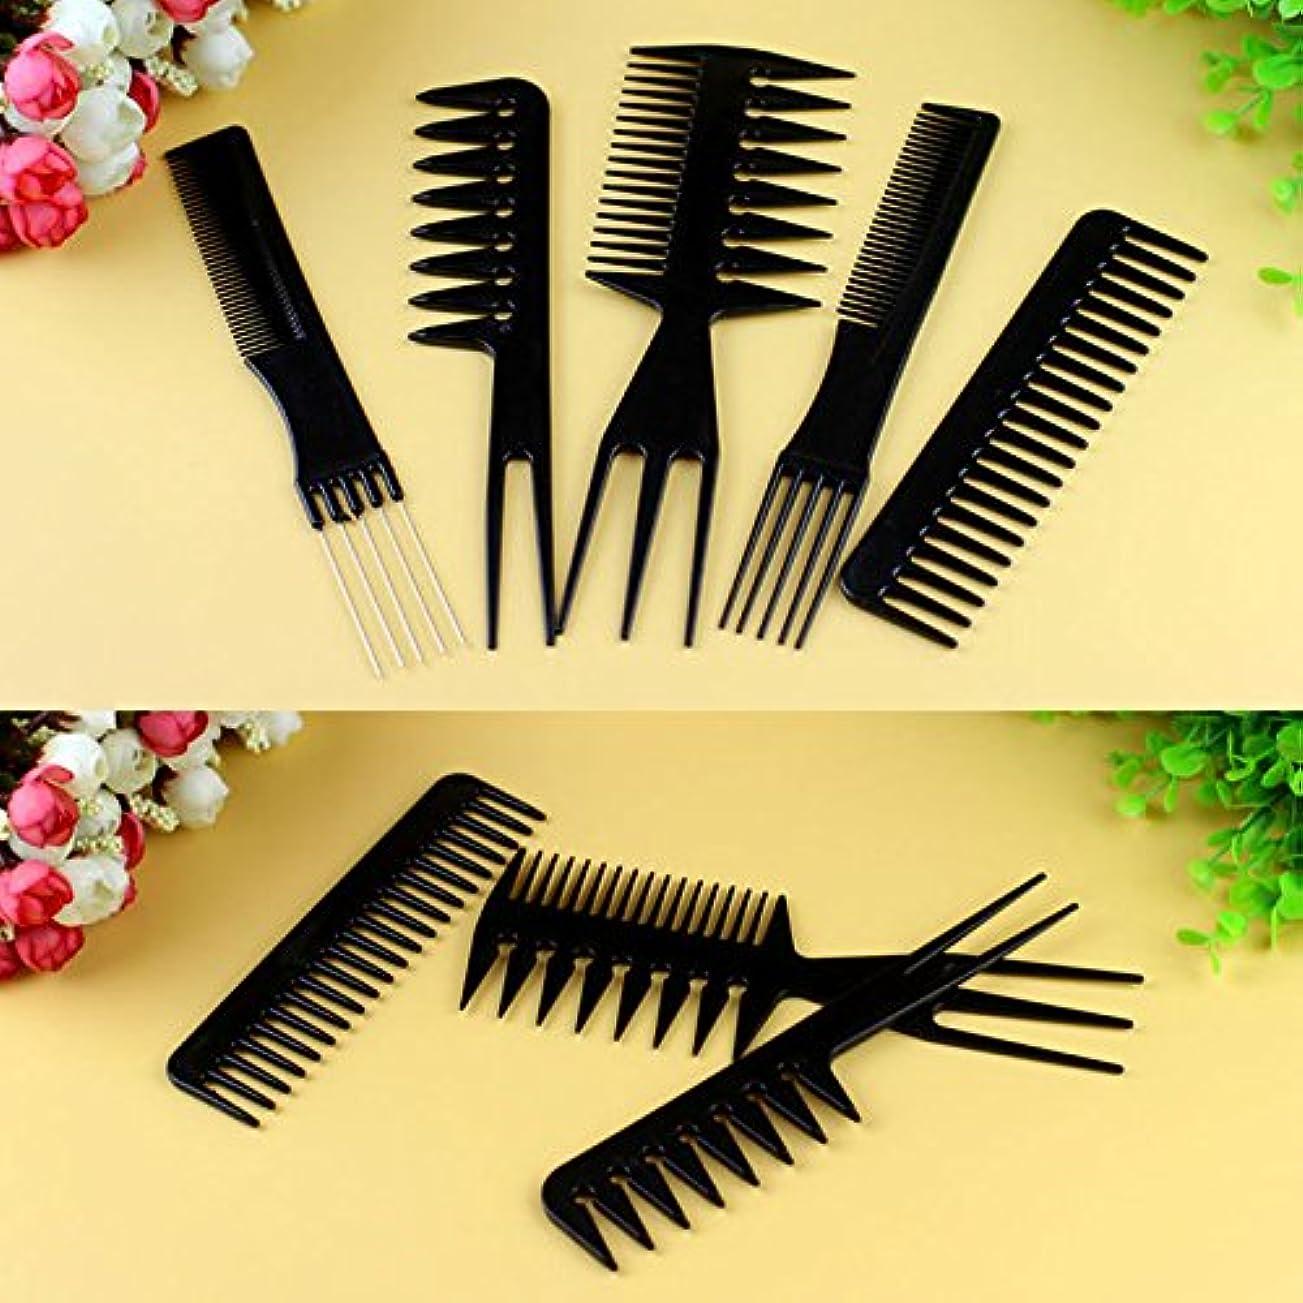 こっそり判読できない生むMSmask 10個入りブラックプロサロン ヘアスタイリング理髪 プラスチック理髪店 ブラシコムズセット